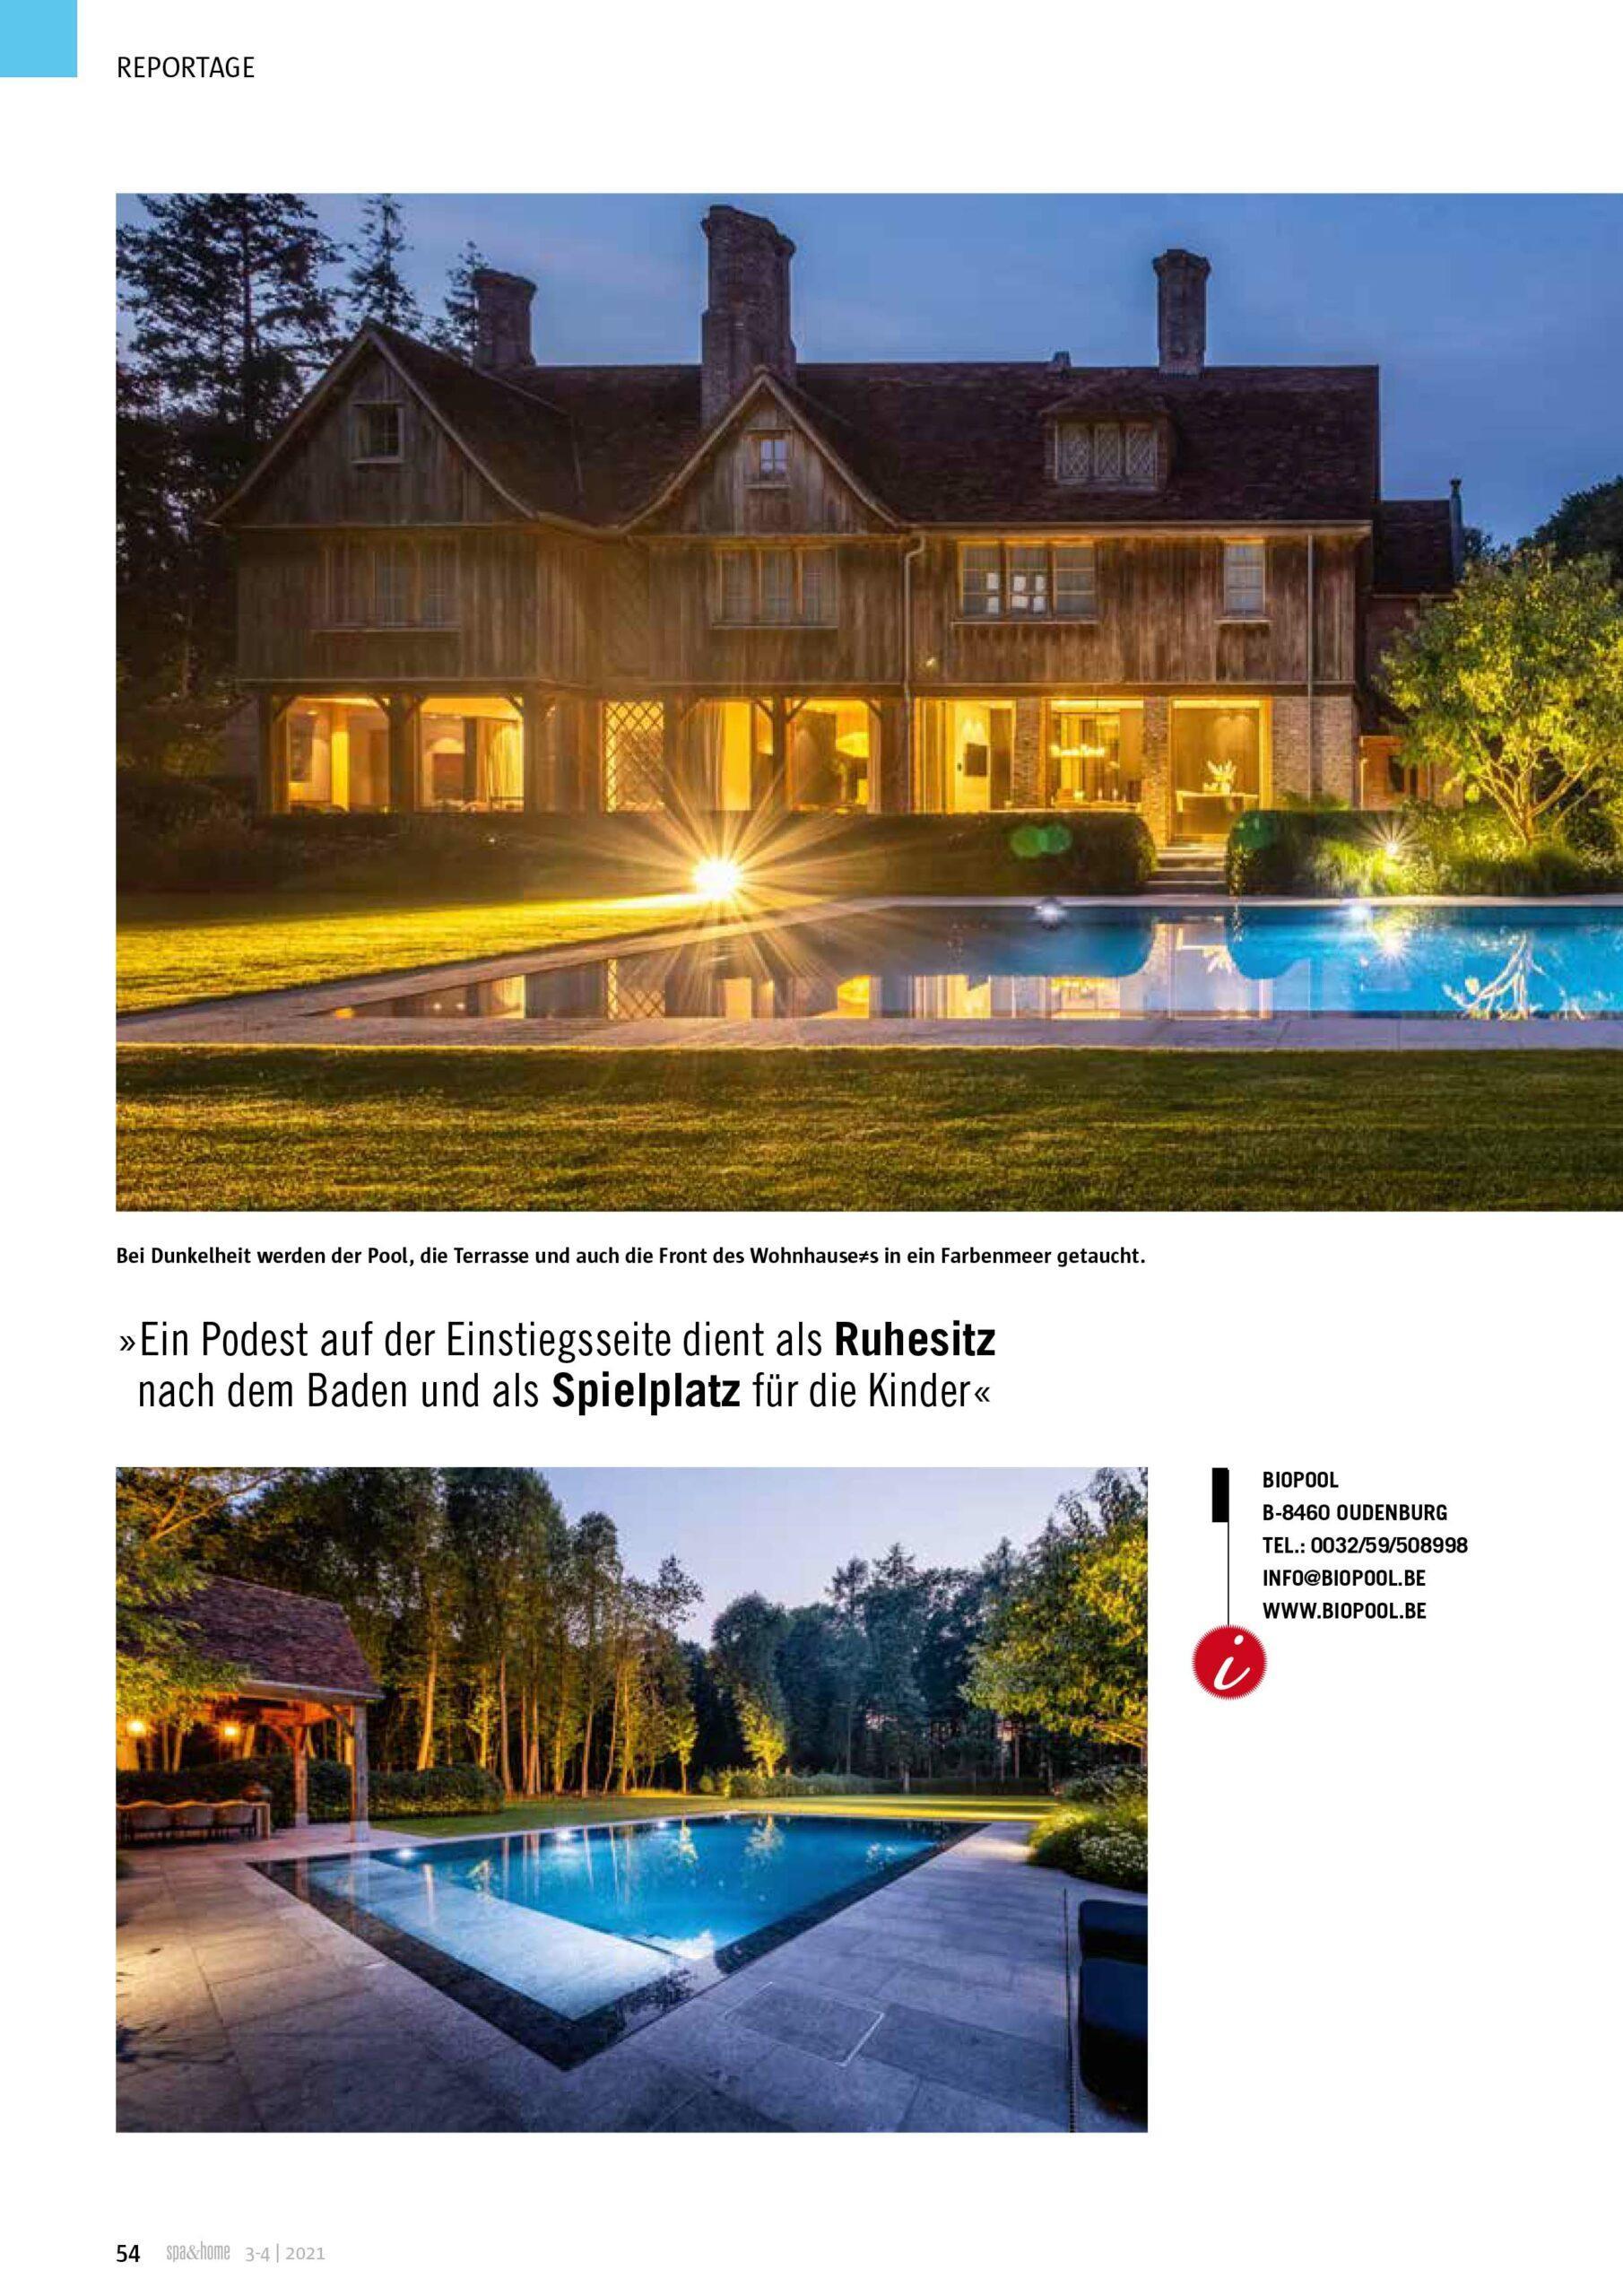 Afbeelding nieuwsitem Reportage Spa & Home